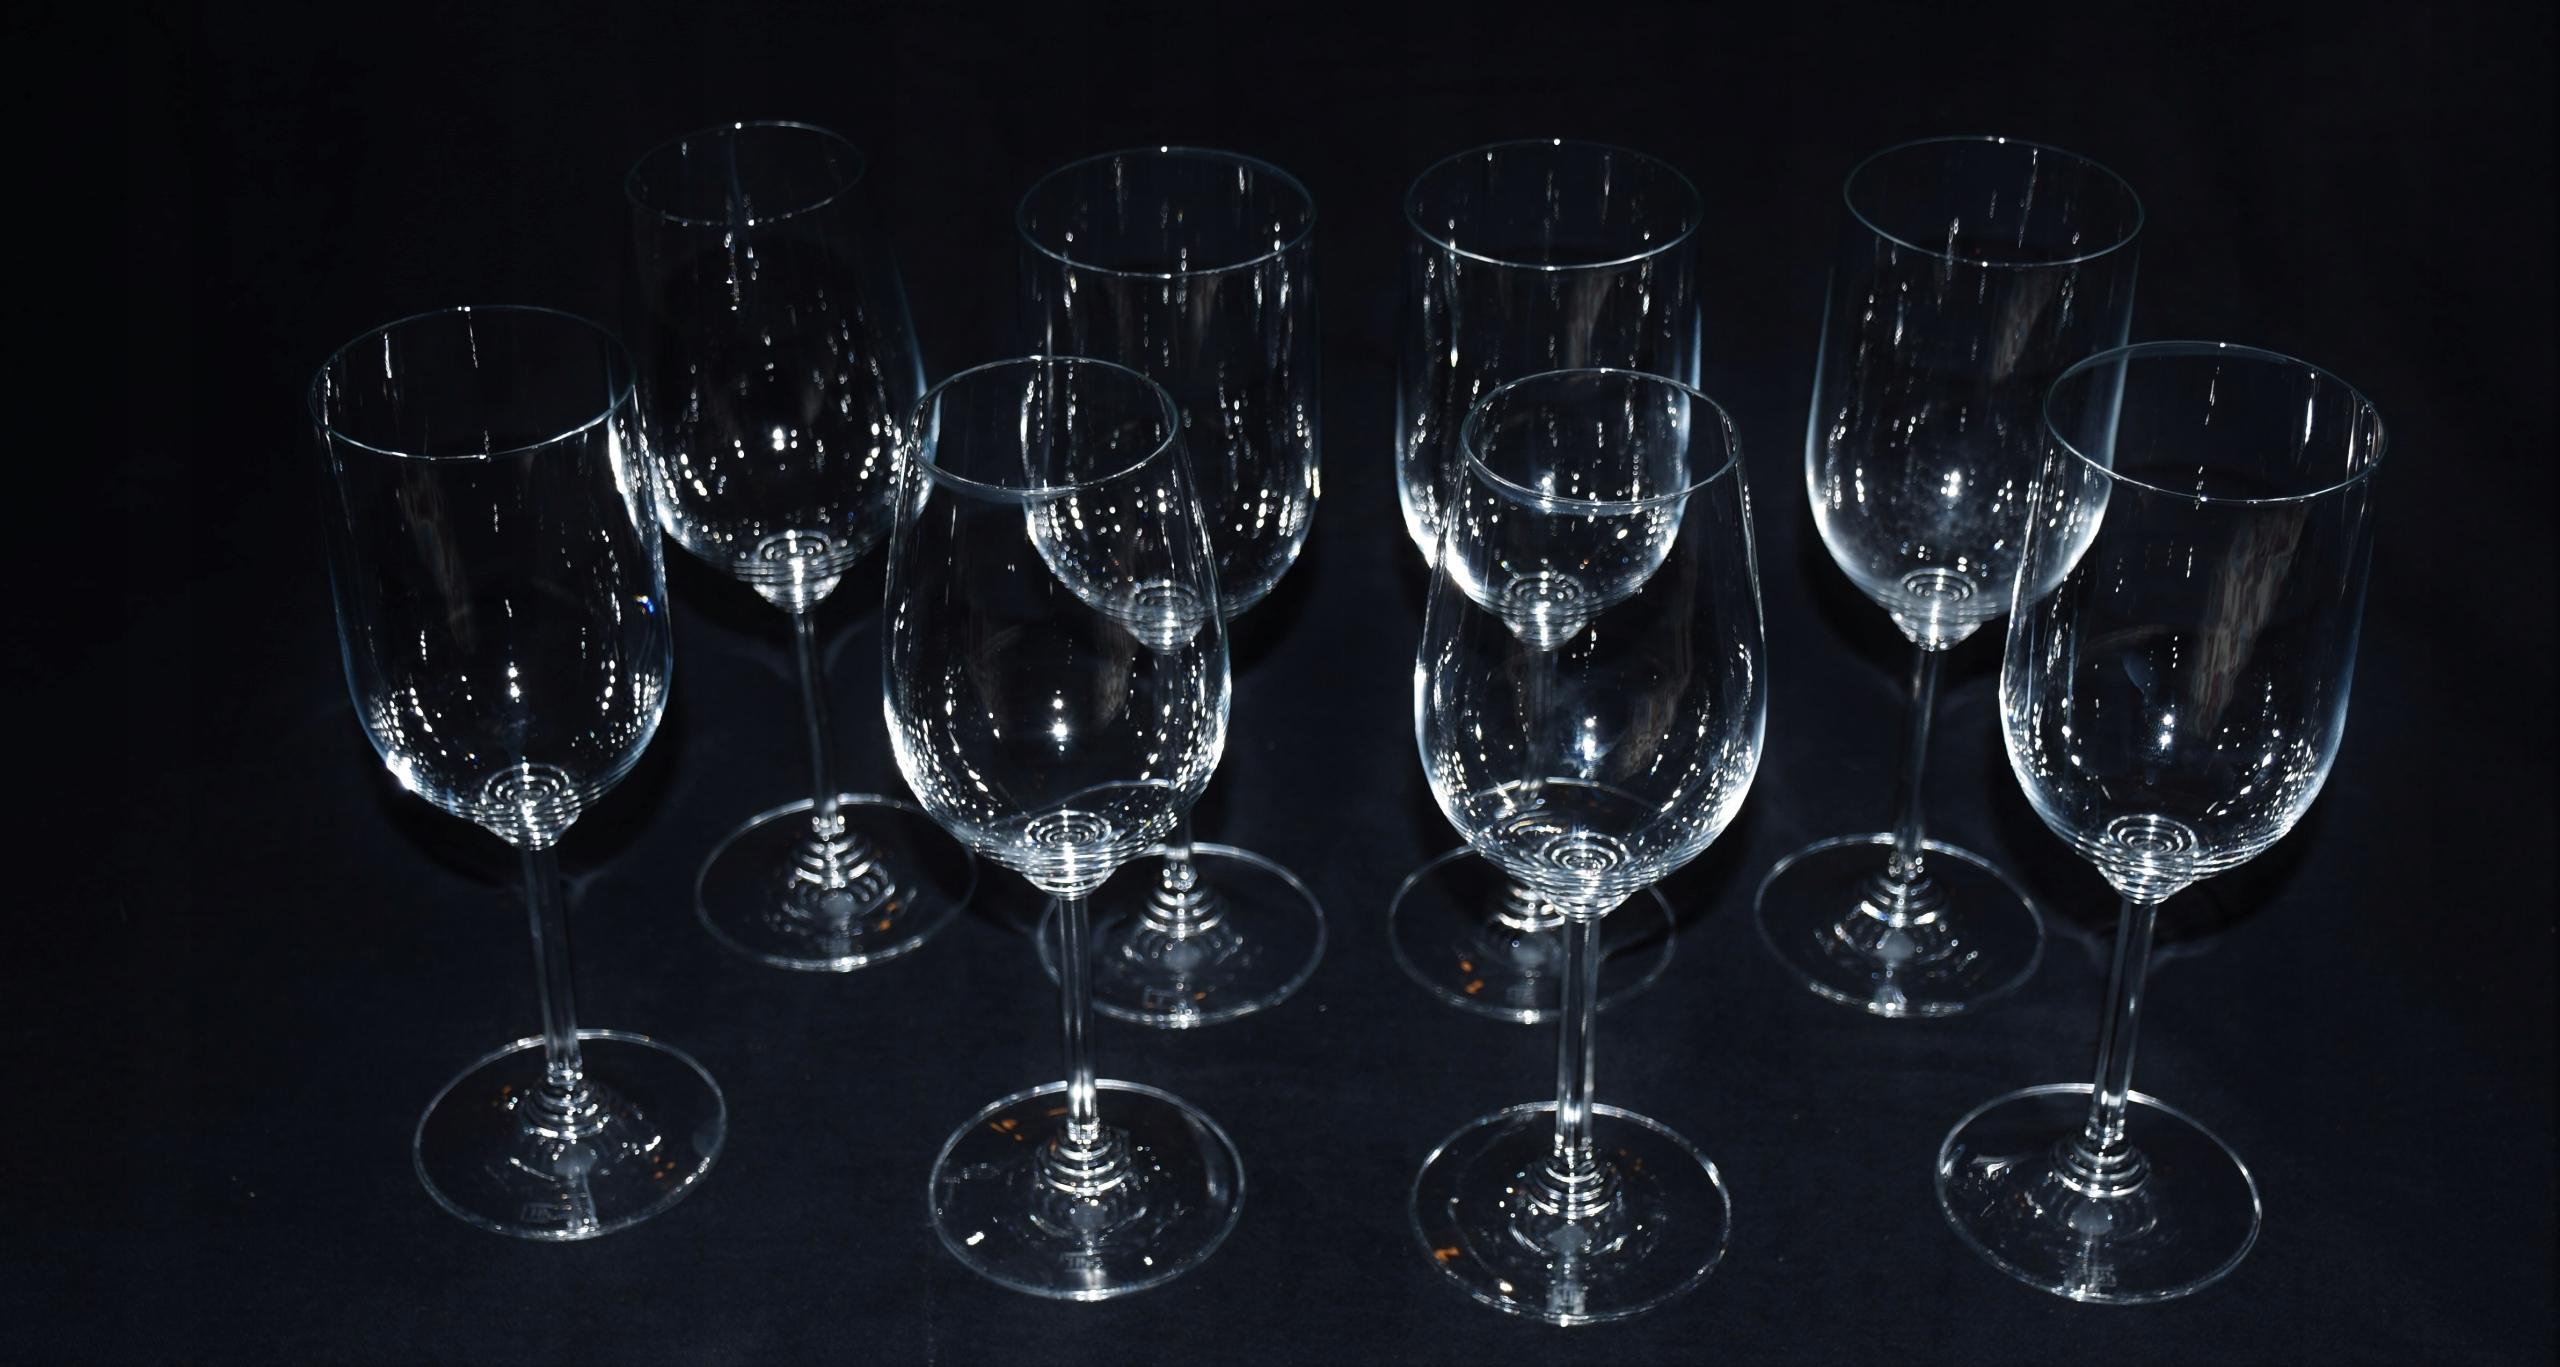 Riedel 8x kieliszki do wina/wody w oryg. opak.